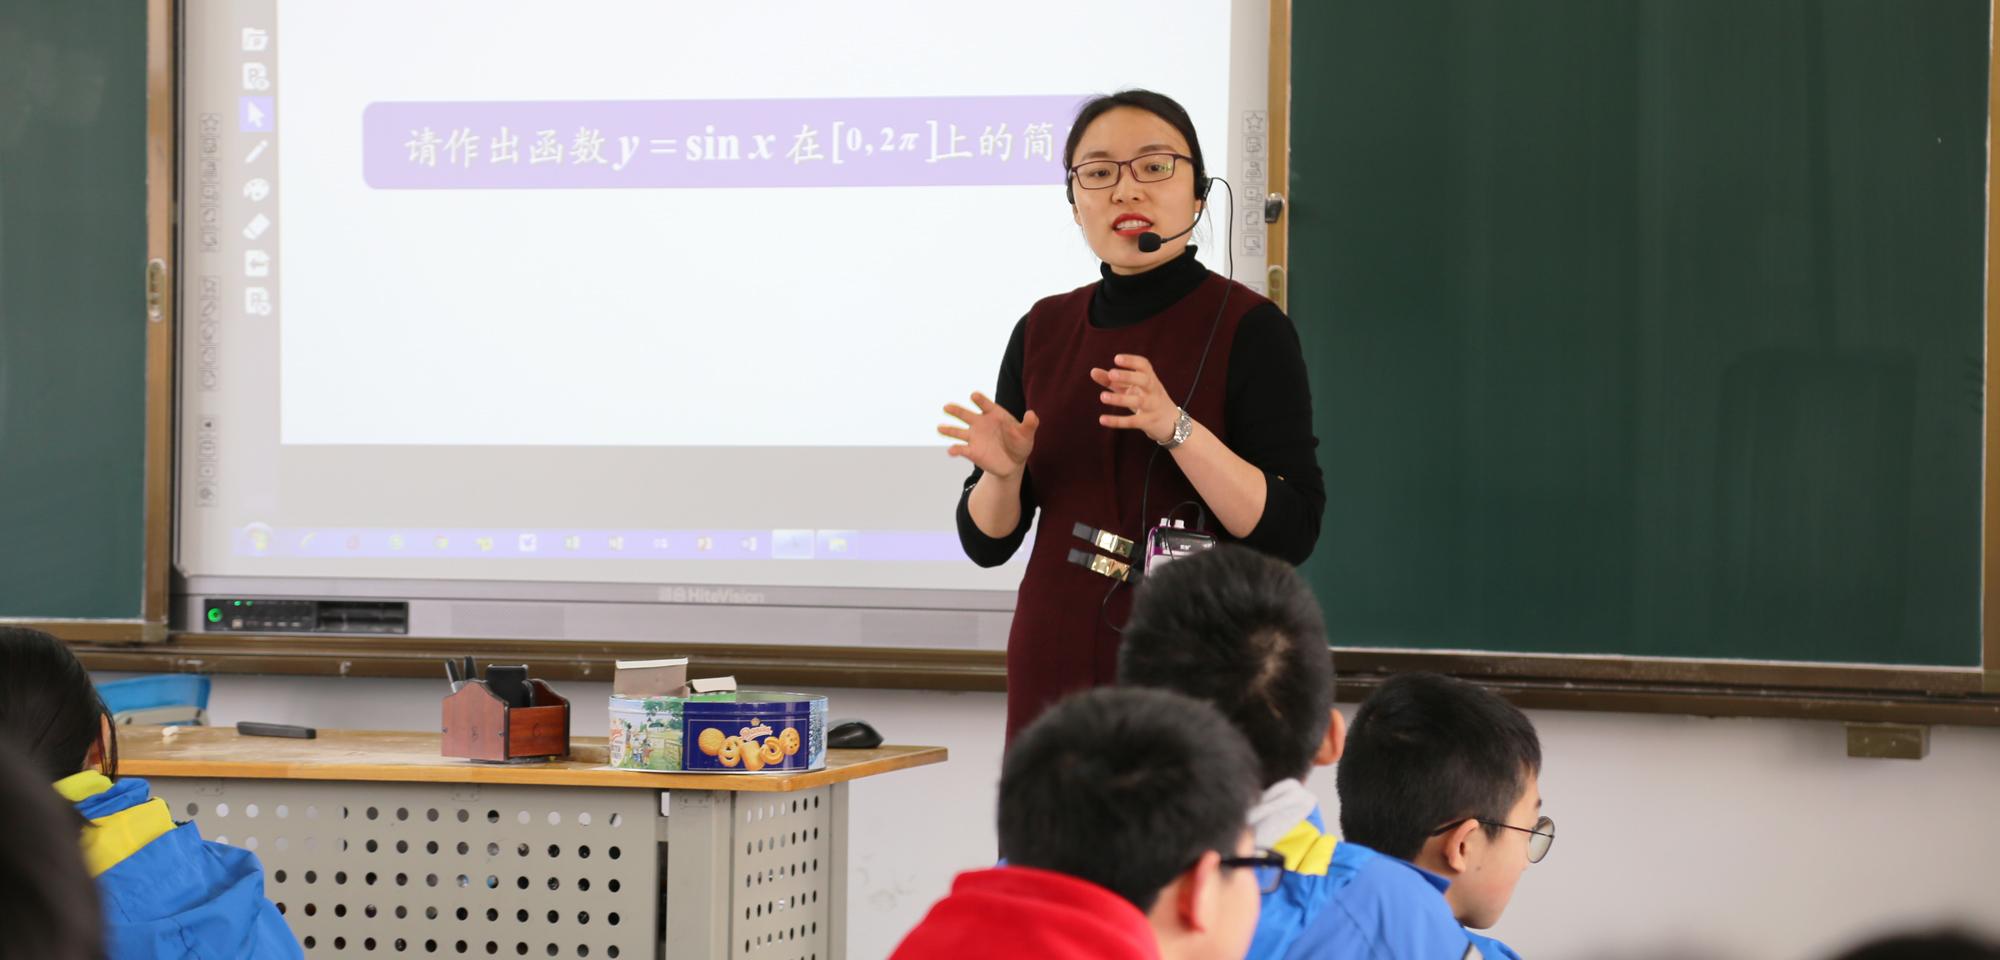 """但是:""""好课堂应该把学生放在主角的位置,站在课堂的中央,老师可以是导演,可以使编剧,但却不能是主角。"""""""